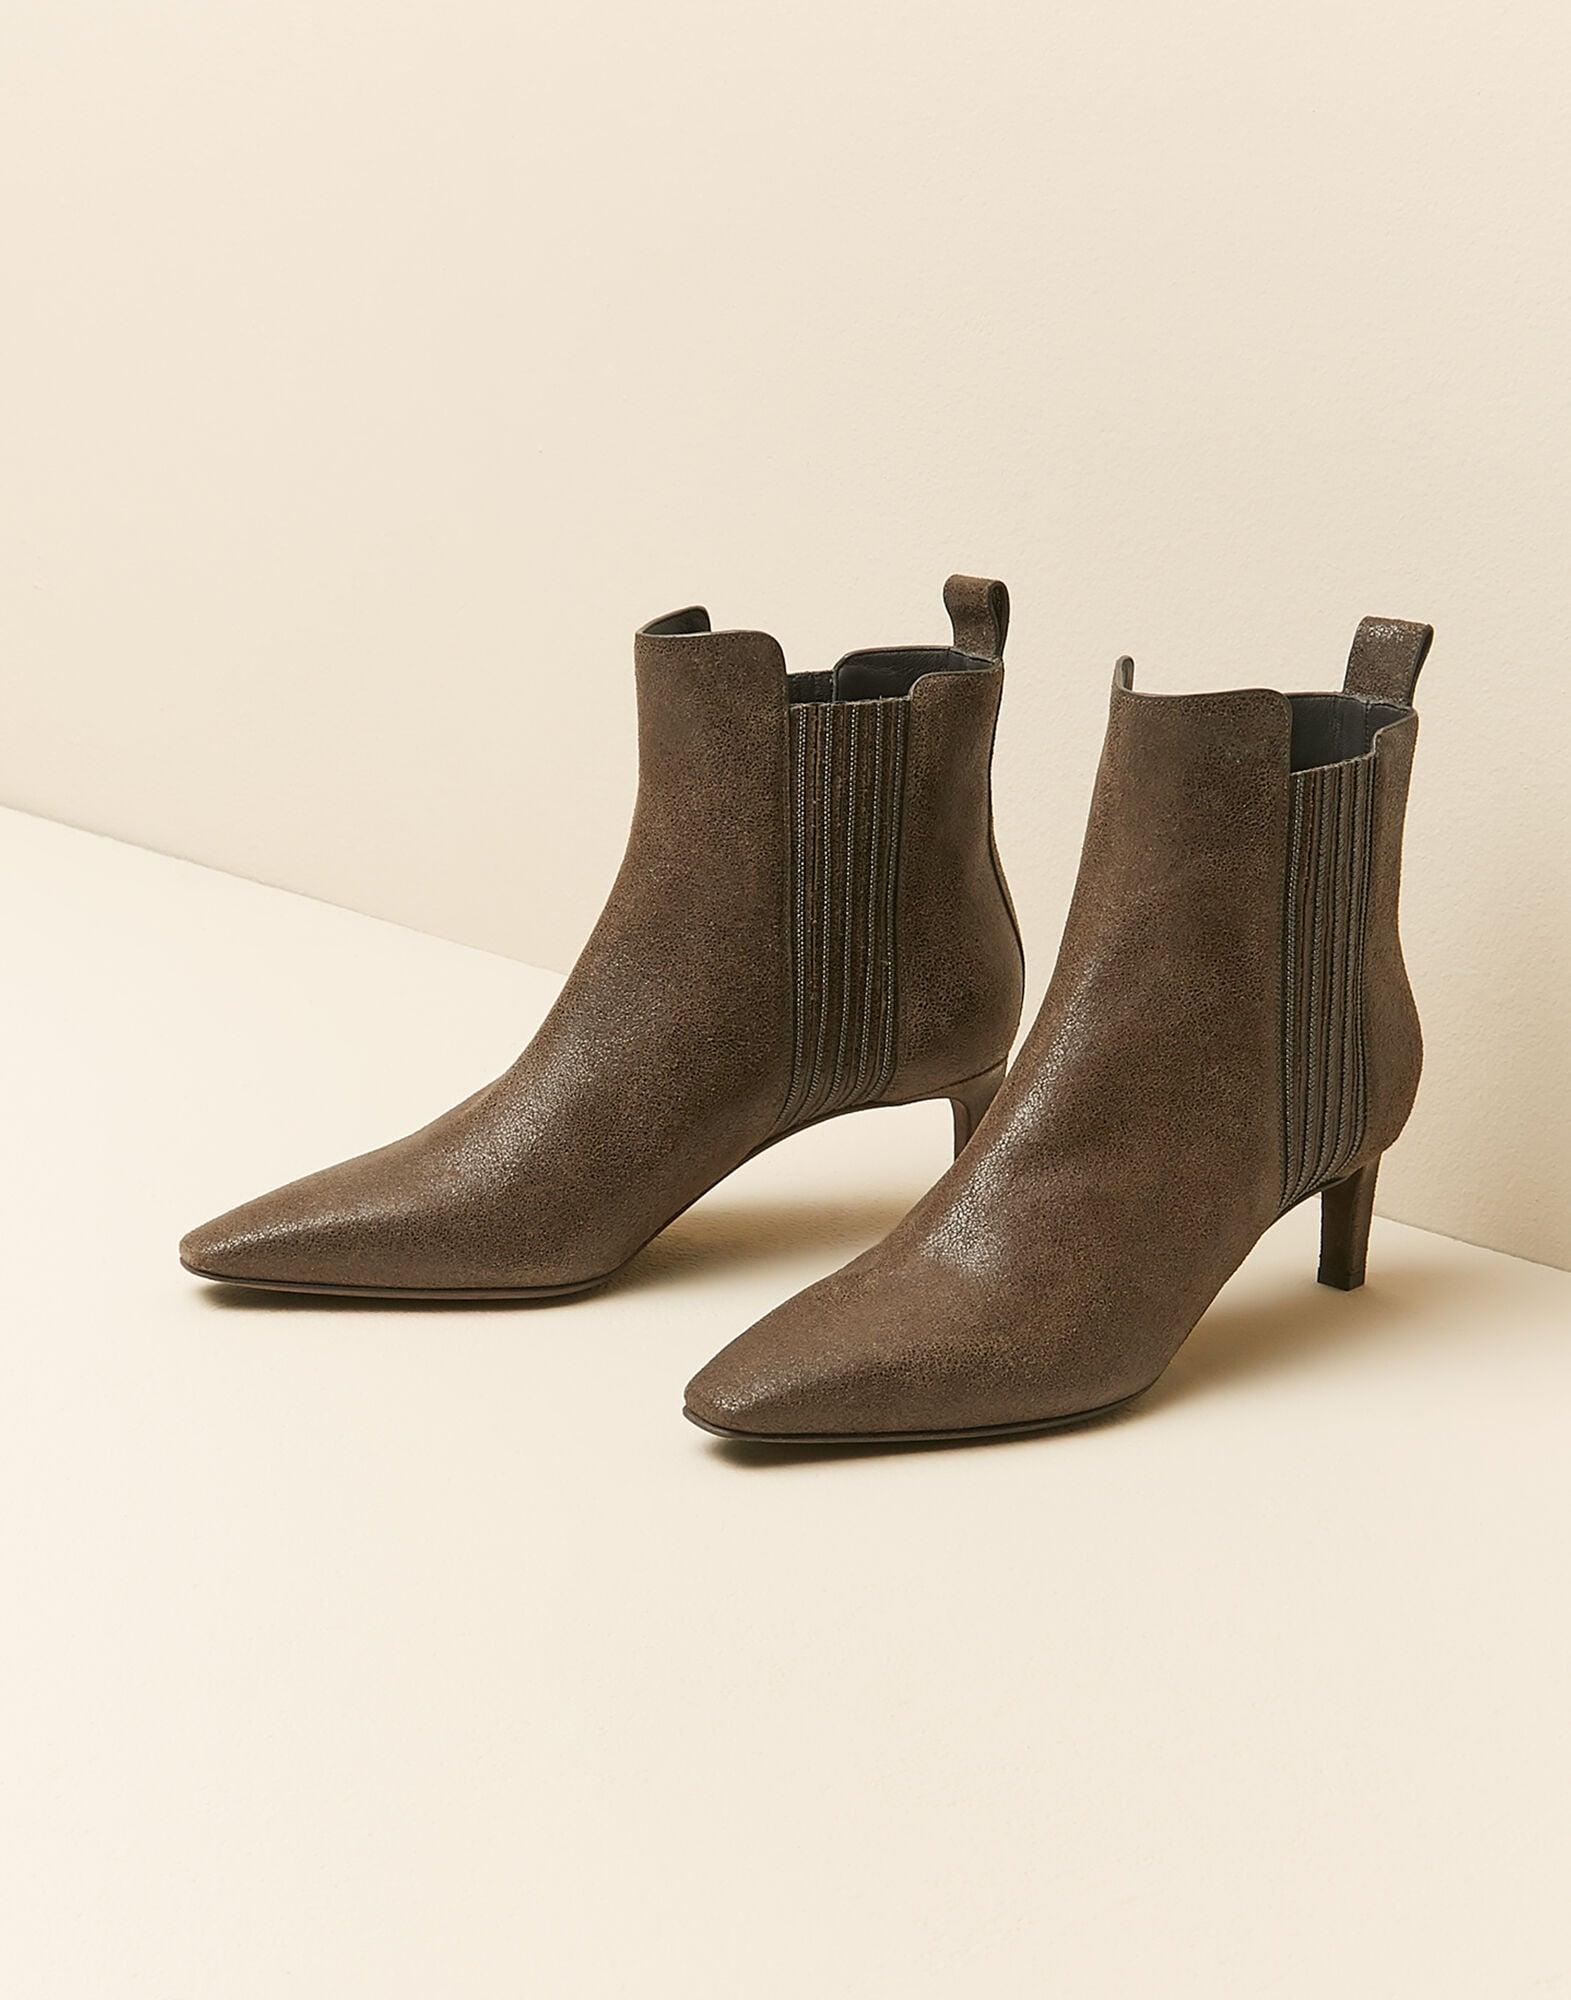 Moderne Damen Schuhe online auswählen | MONA.ch